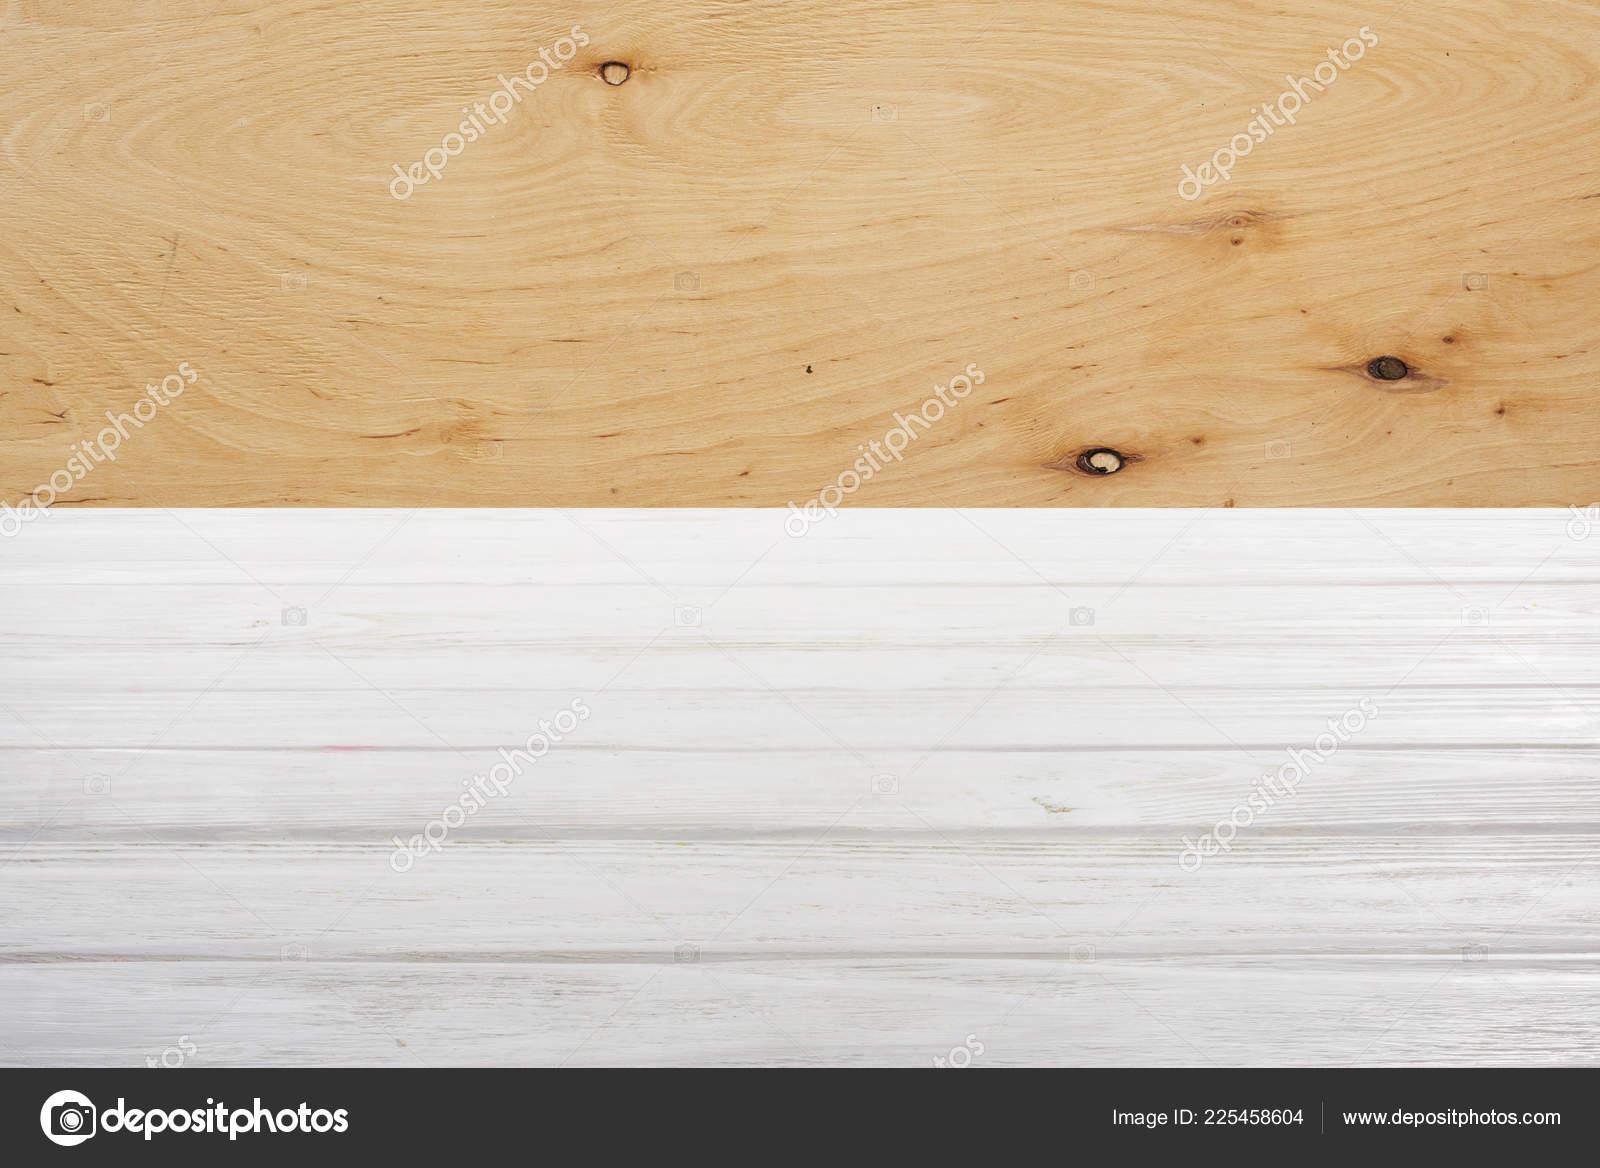 Witte Houten Vloer : Sjabloon voor witte houten vloer met multiplex achtergrond